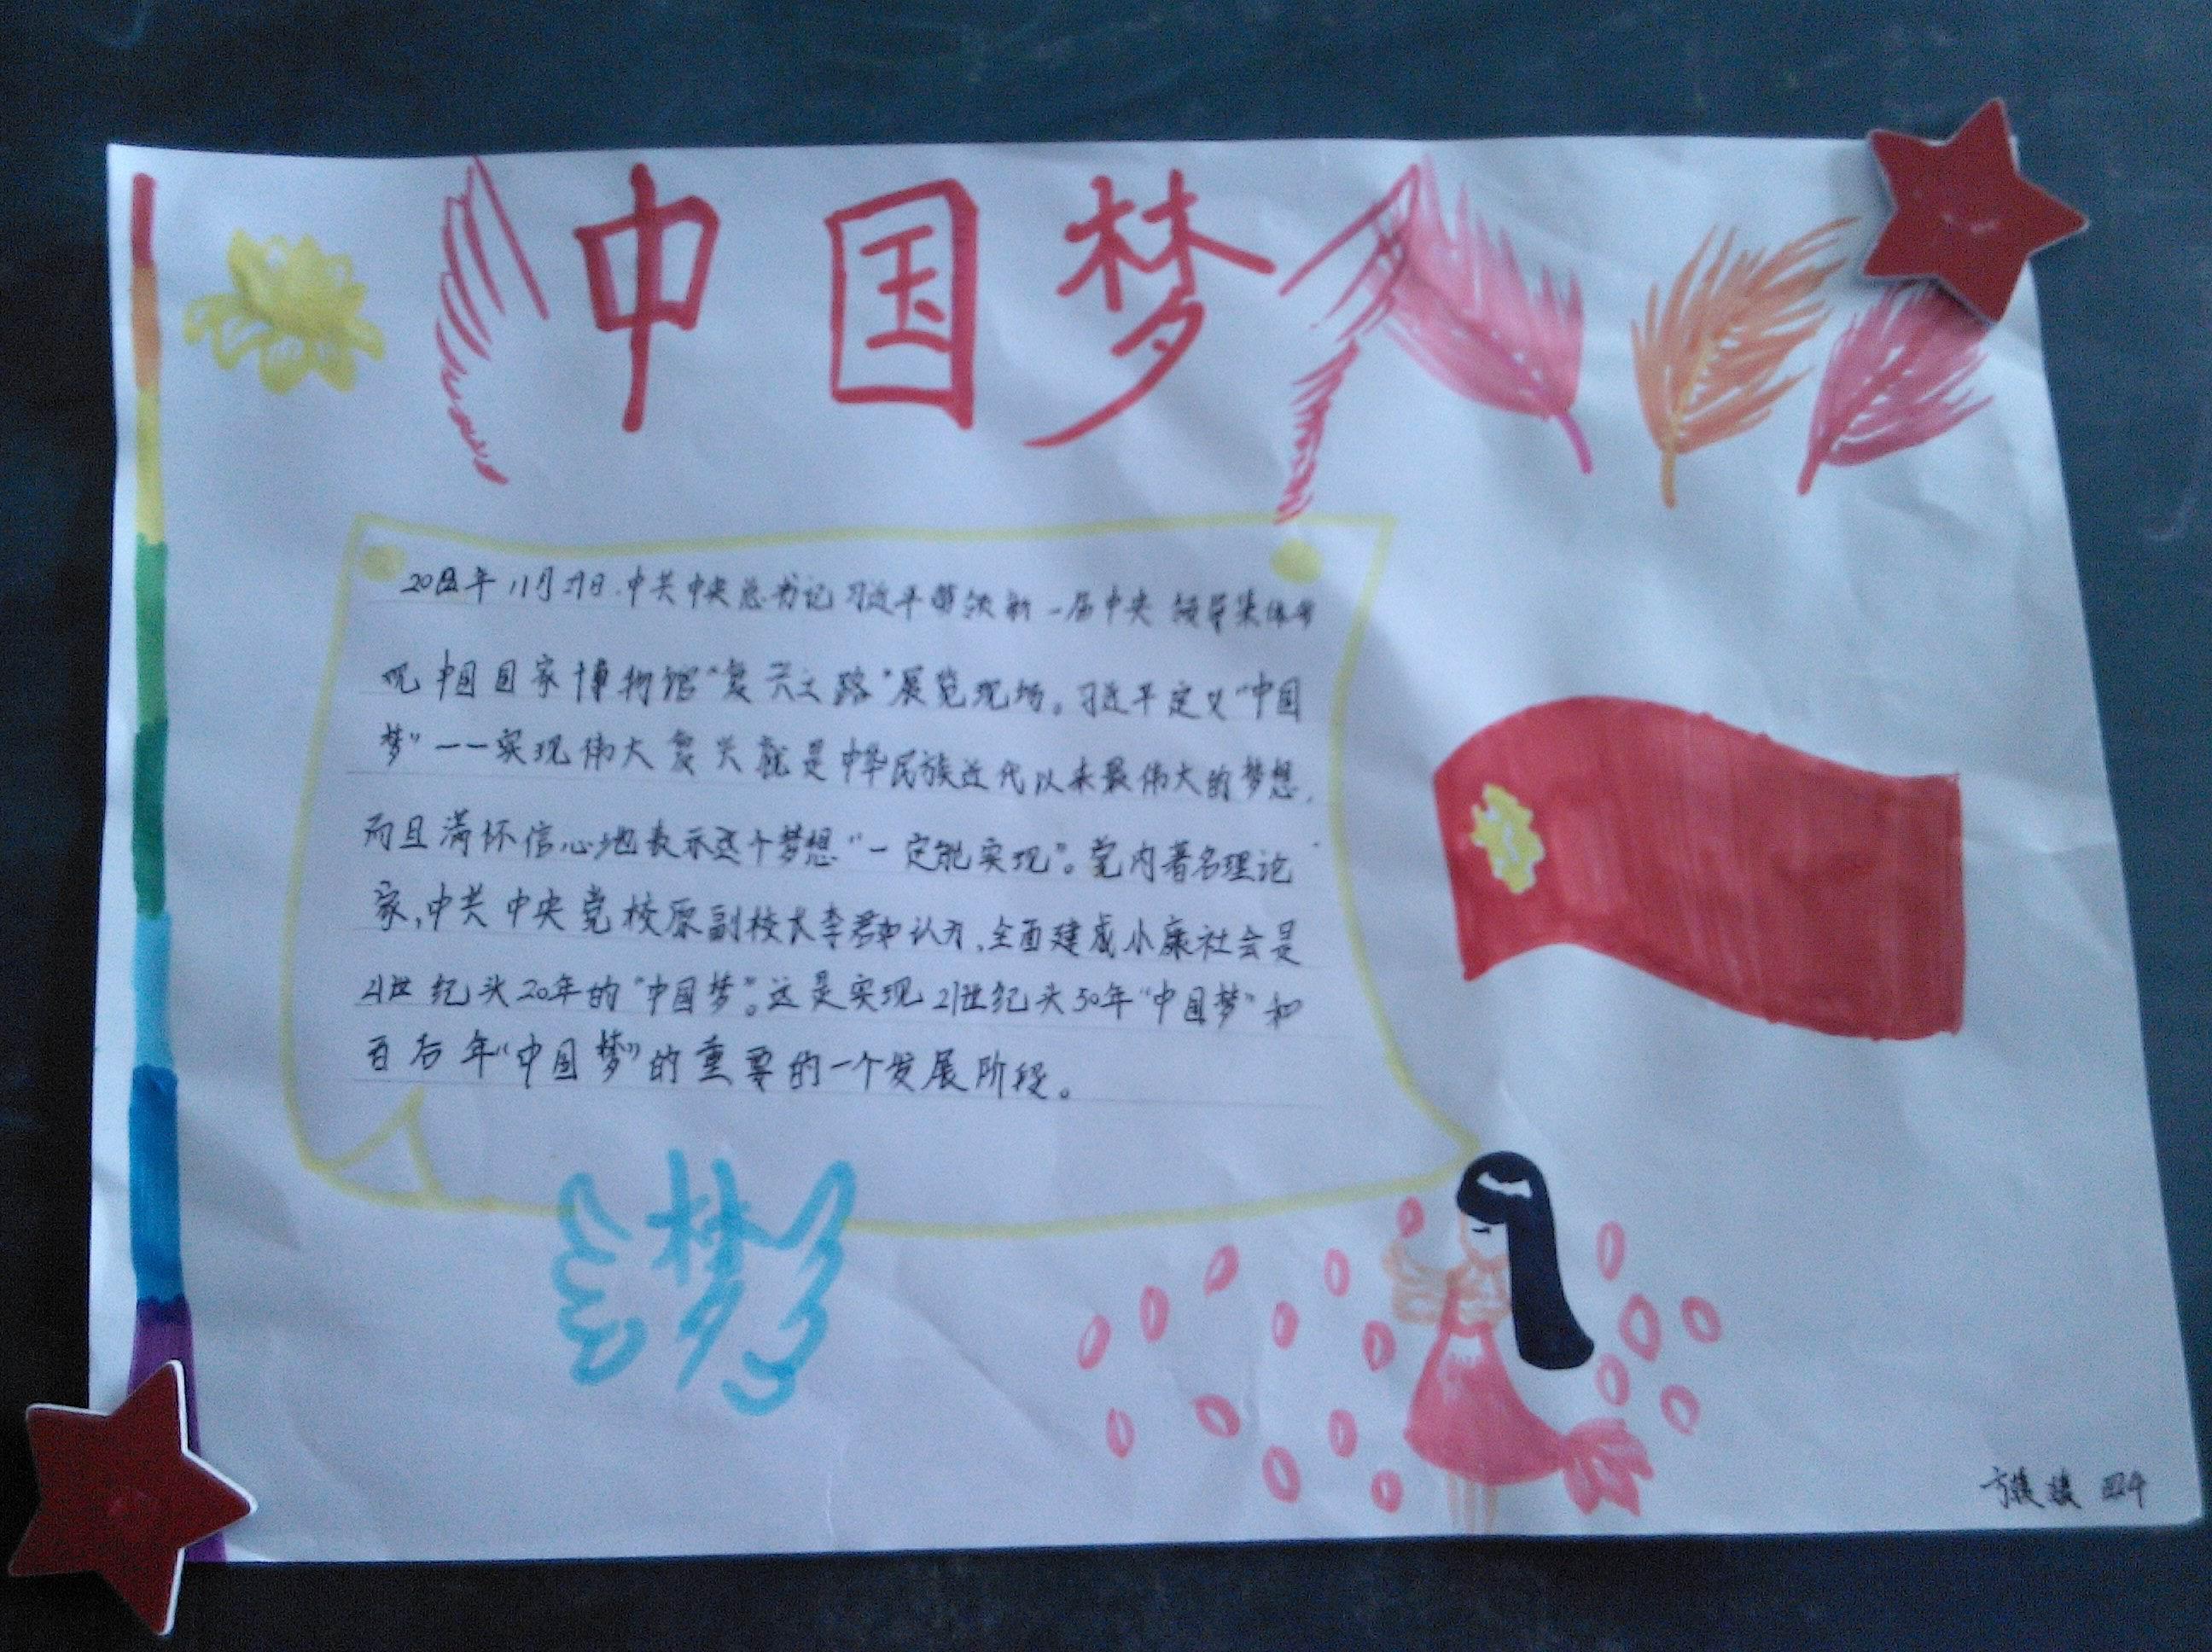 青岛长沙路小学四,4中队(手抄报)